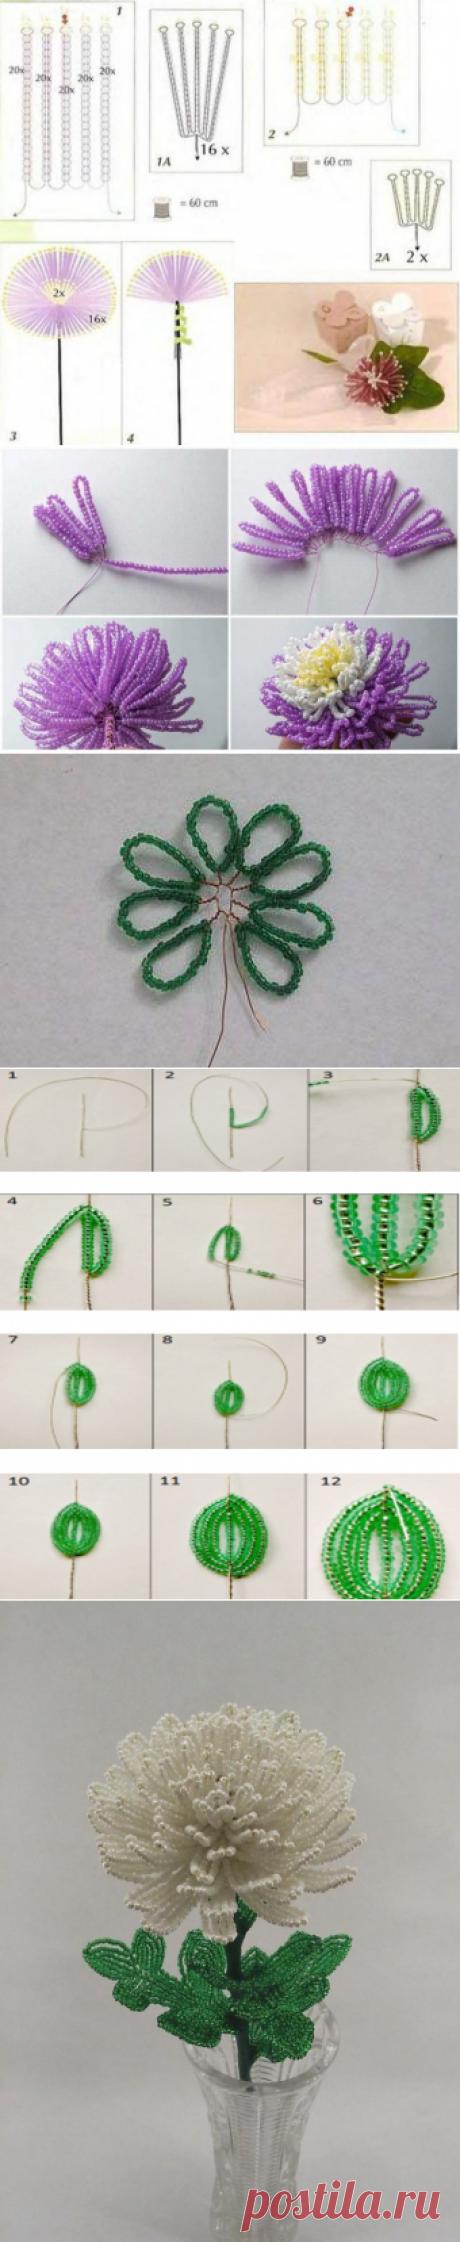 ❁ Как сделать хризантему из бисера #МК с пошаговым фото и схемами